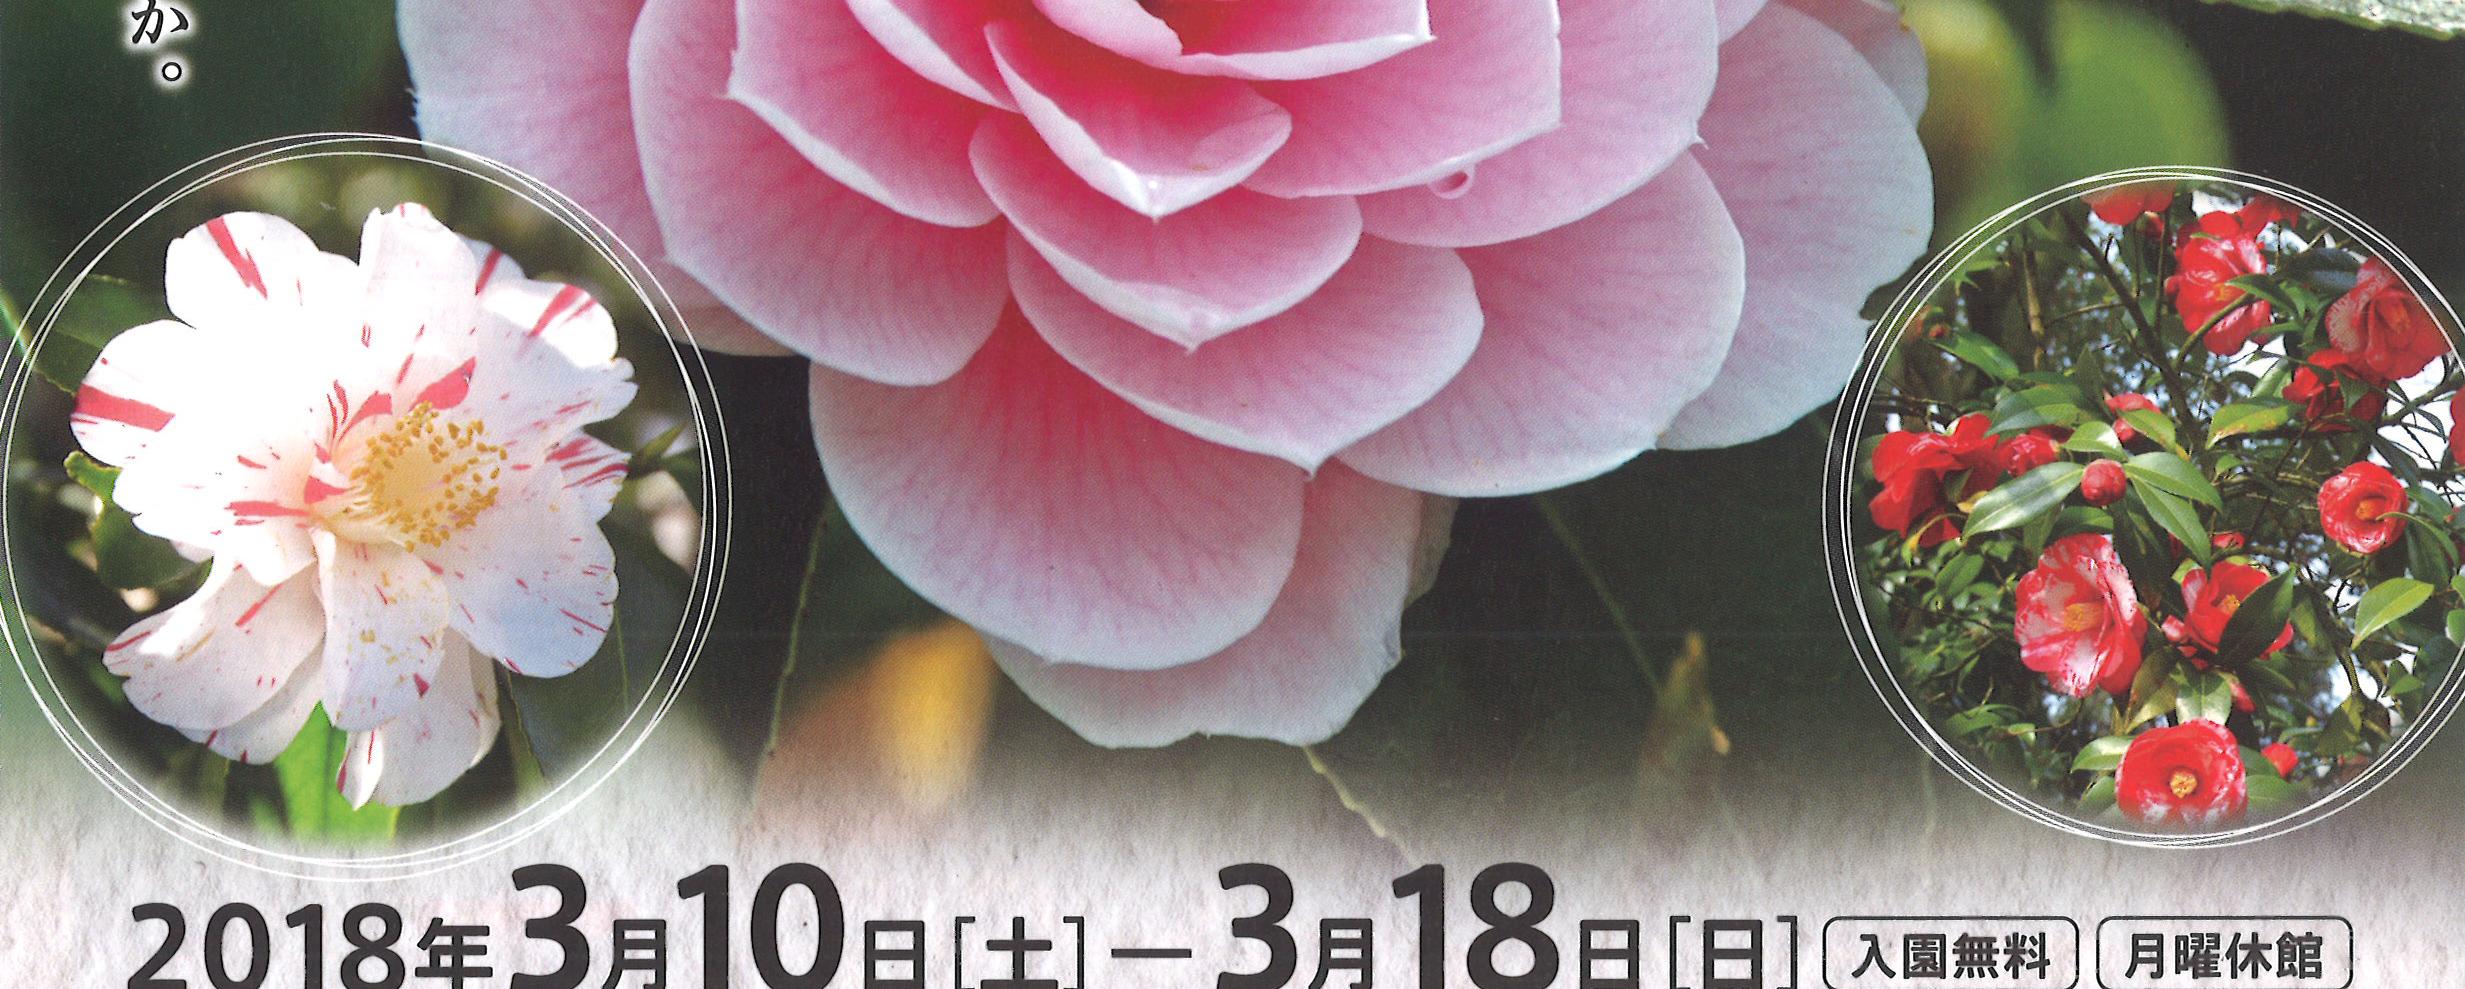 春の花まつり2018 つばきまつり